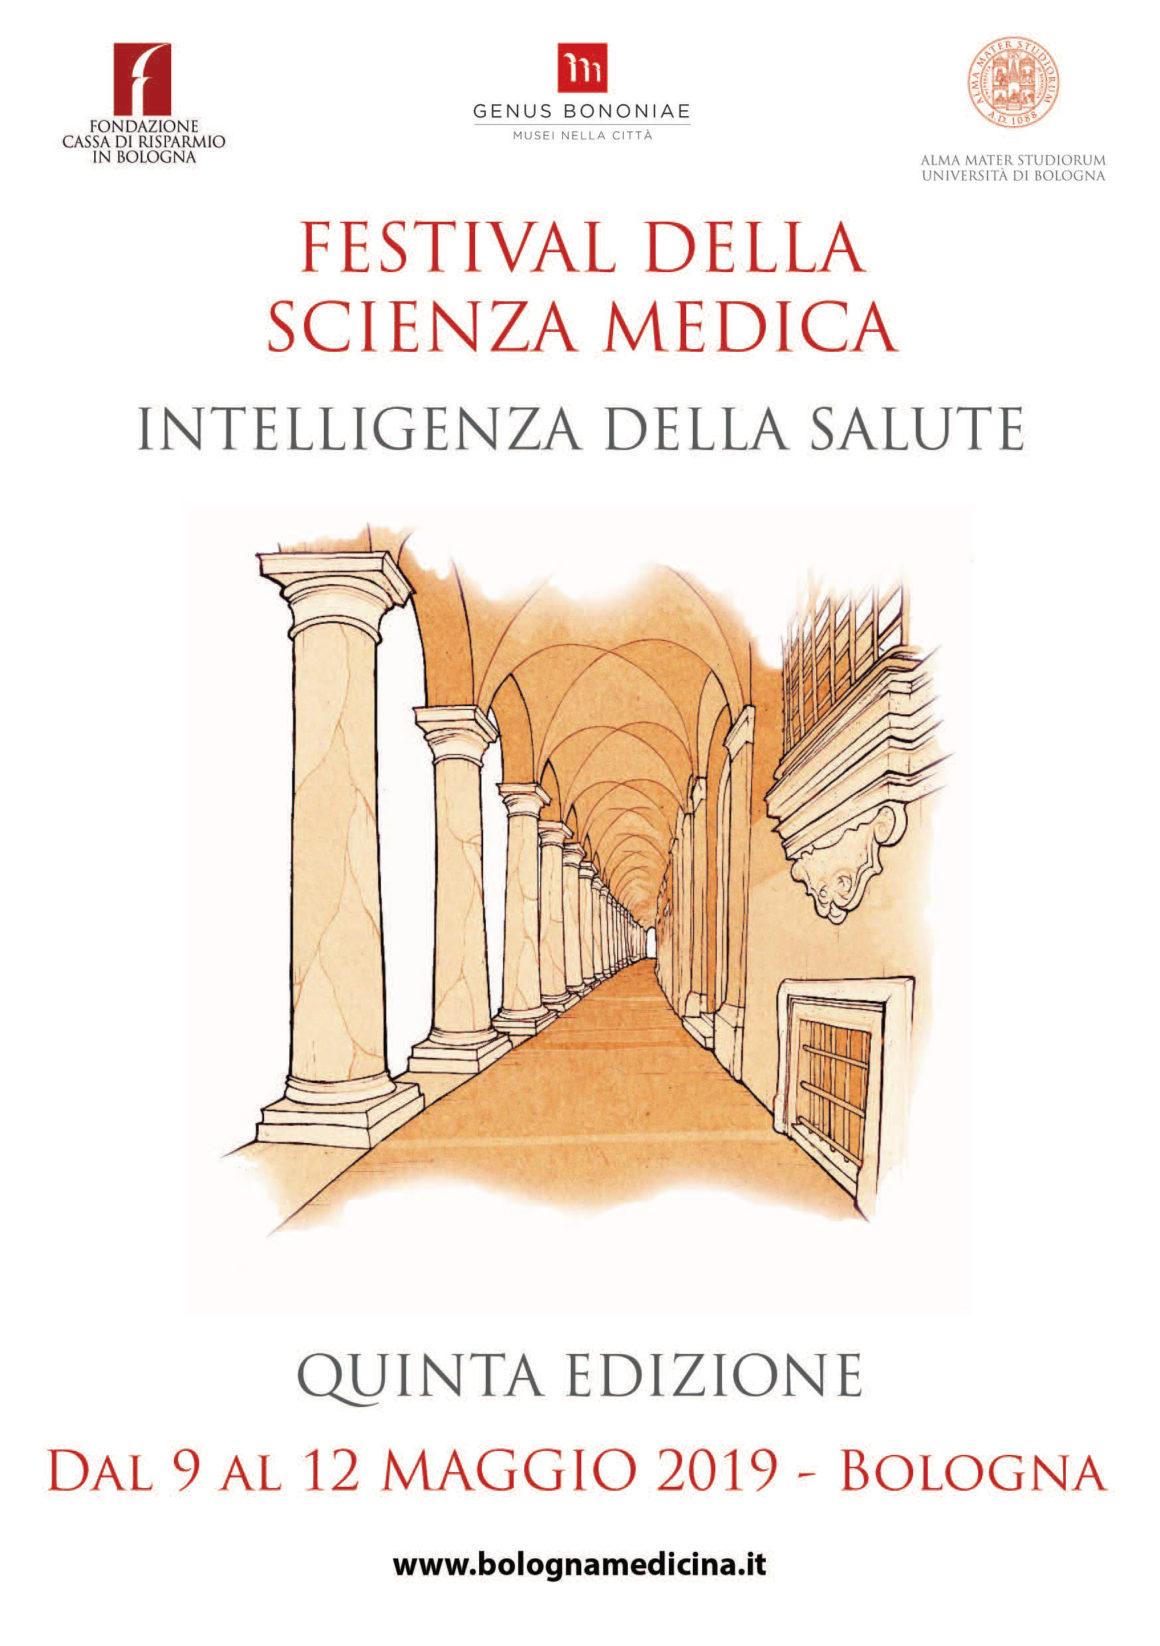 Festival della scienza medica – Bologna – Dal 9 al 12 maggio 2019